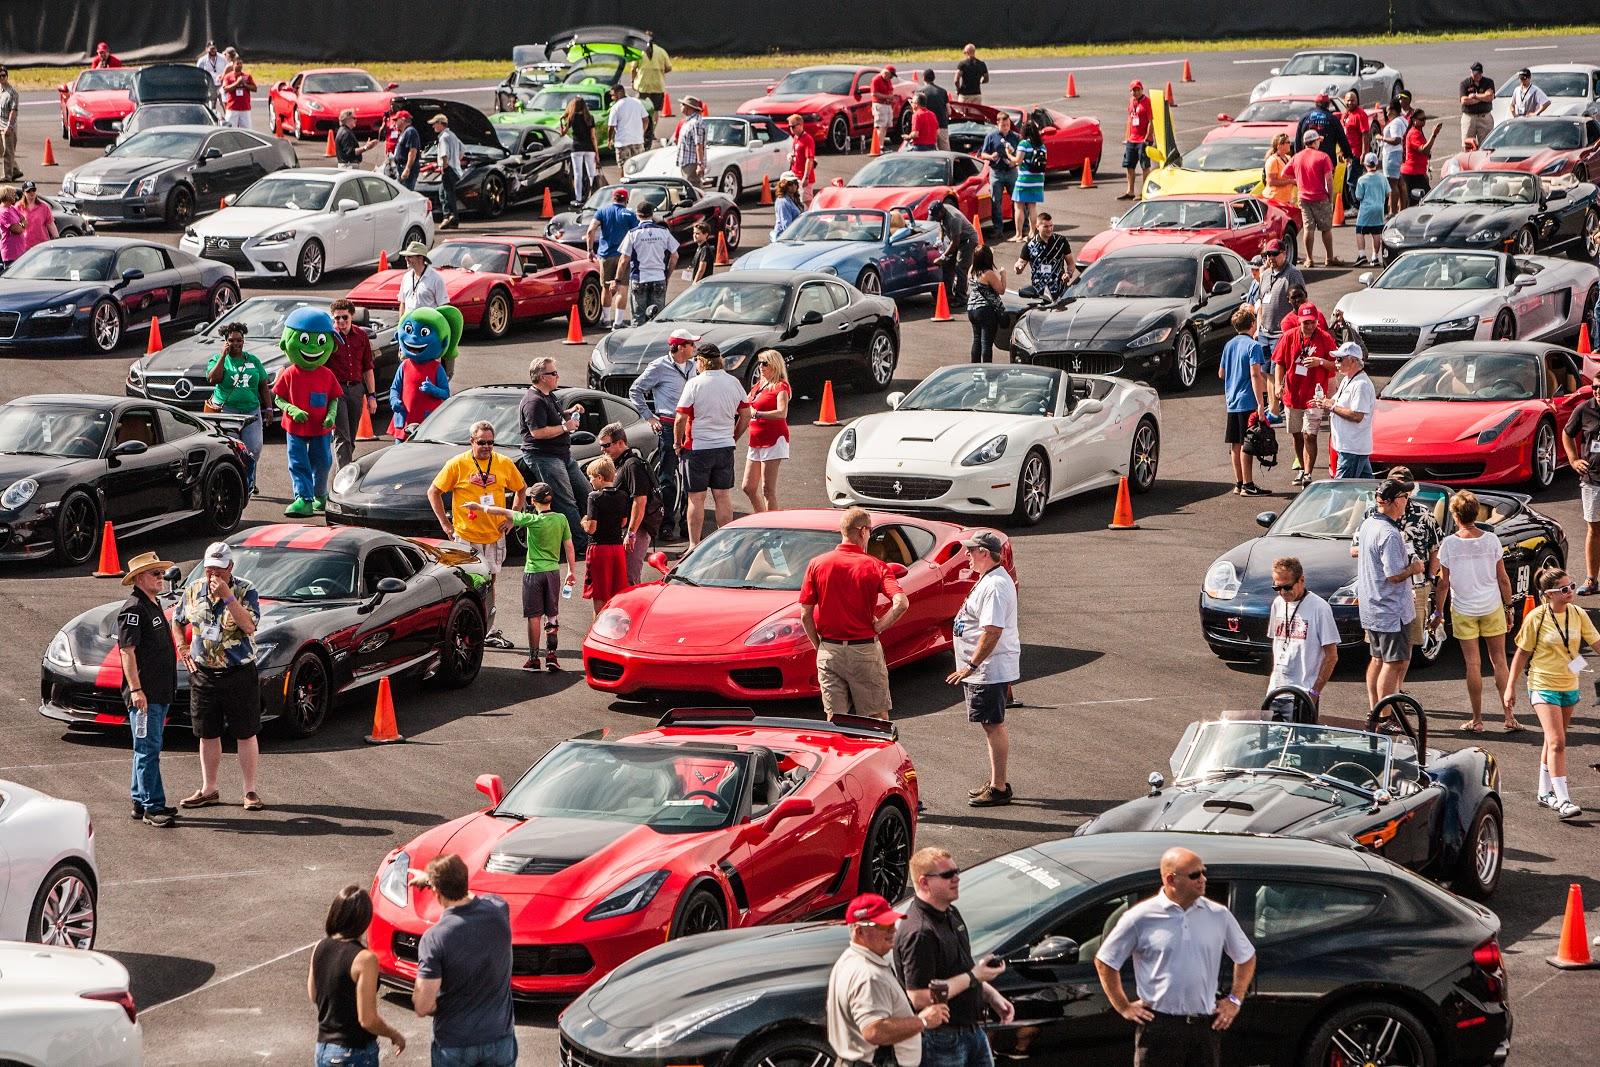 Ferrari Maserati of Atlanta's 11th Annual Rides to Remember Private Charity Event